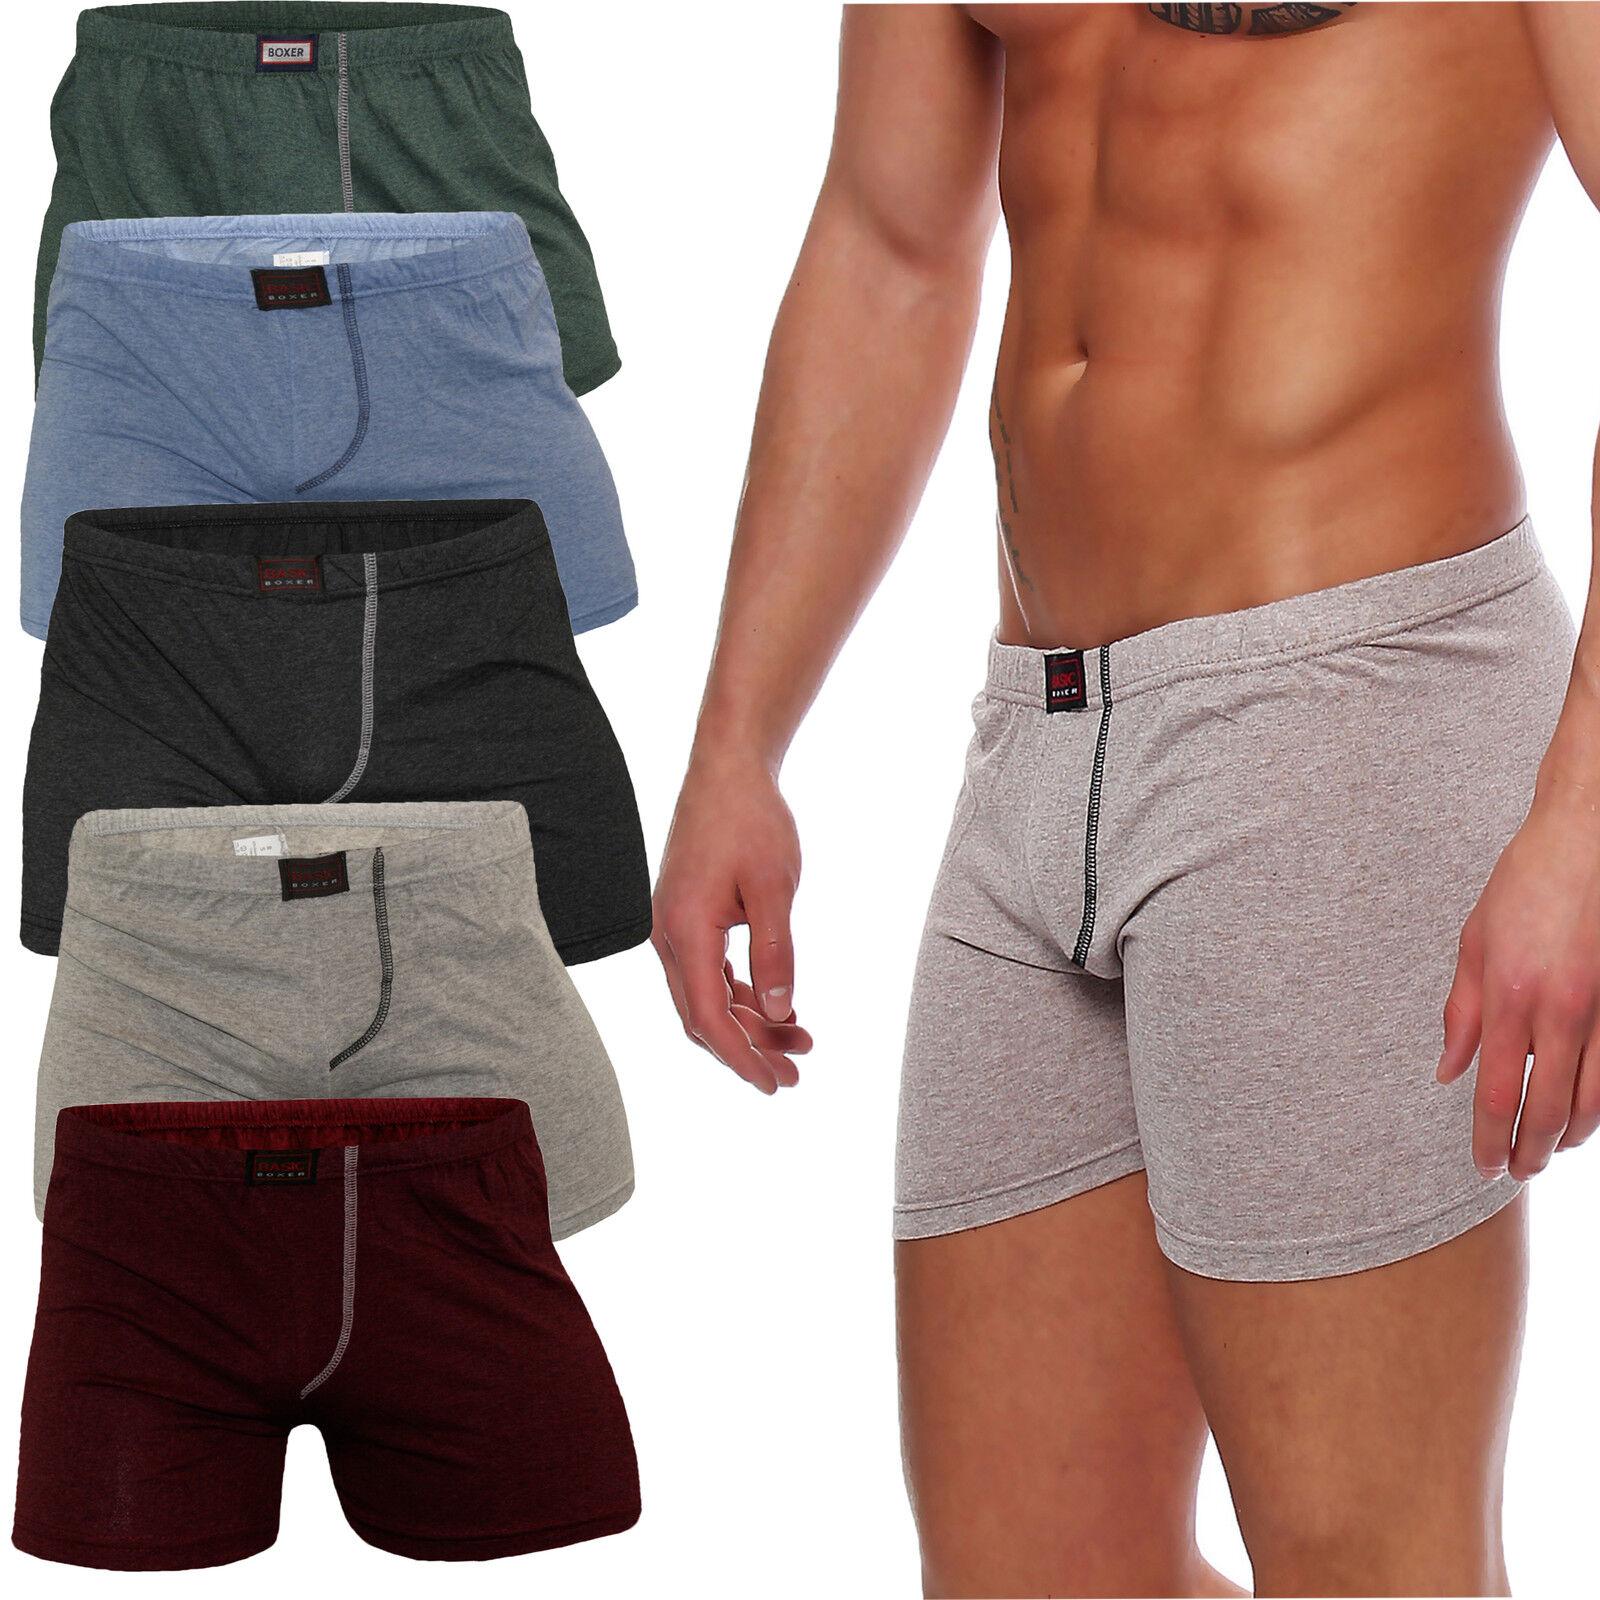 Unterhose Herren Boxershorts Slips Baumwolle ohne Eingriff bunt Neutral Uni Mix